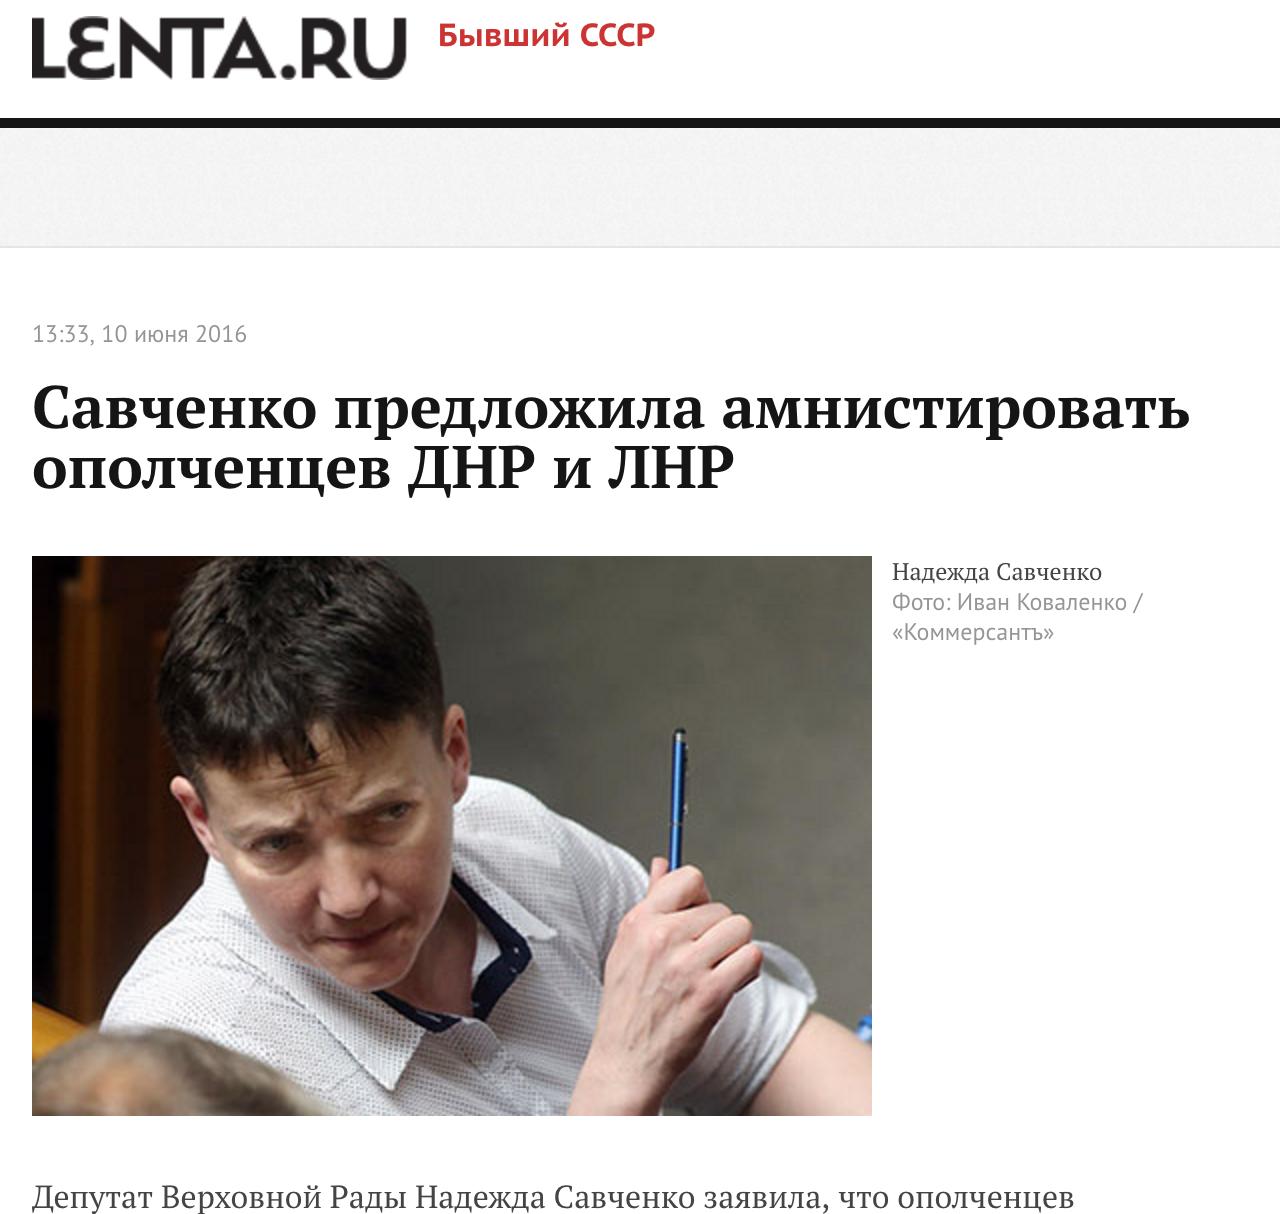 Lenta: Sávchenko ofreció amnistiar los milicianos de las repúblicas autoproclamadas